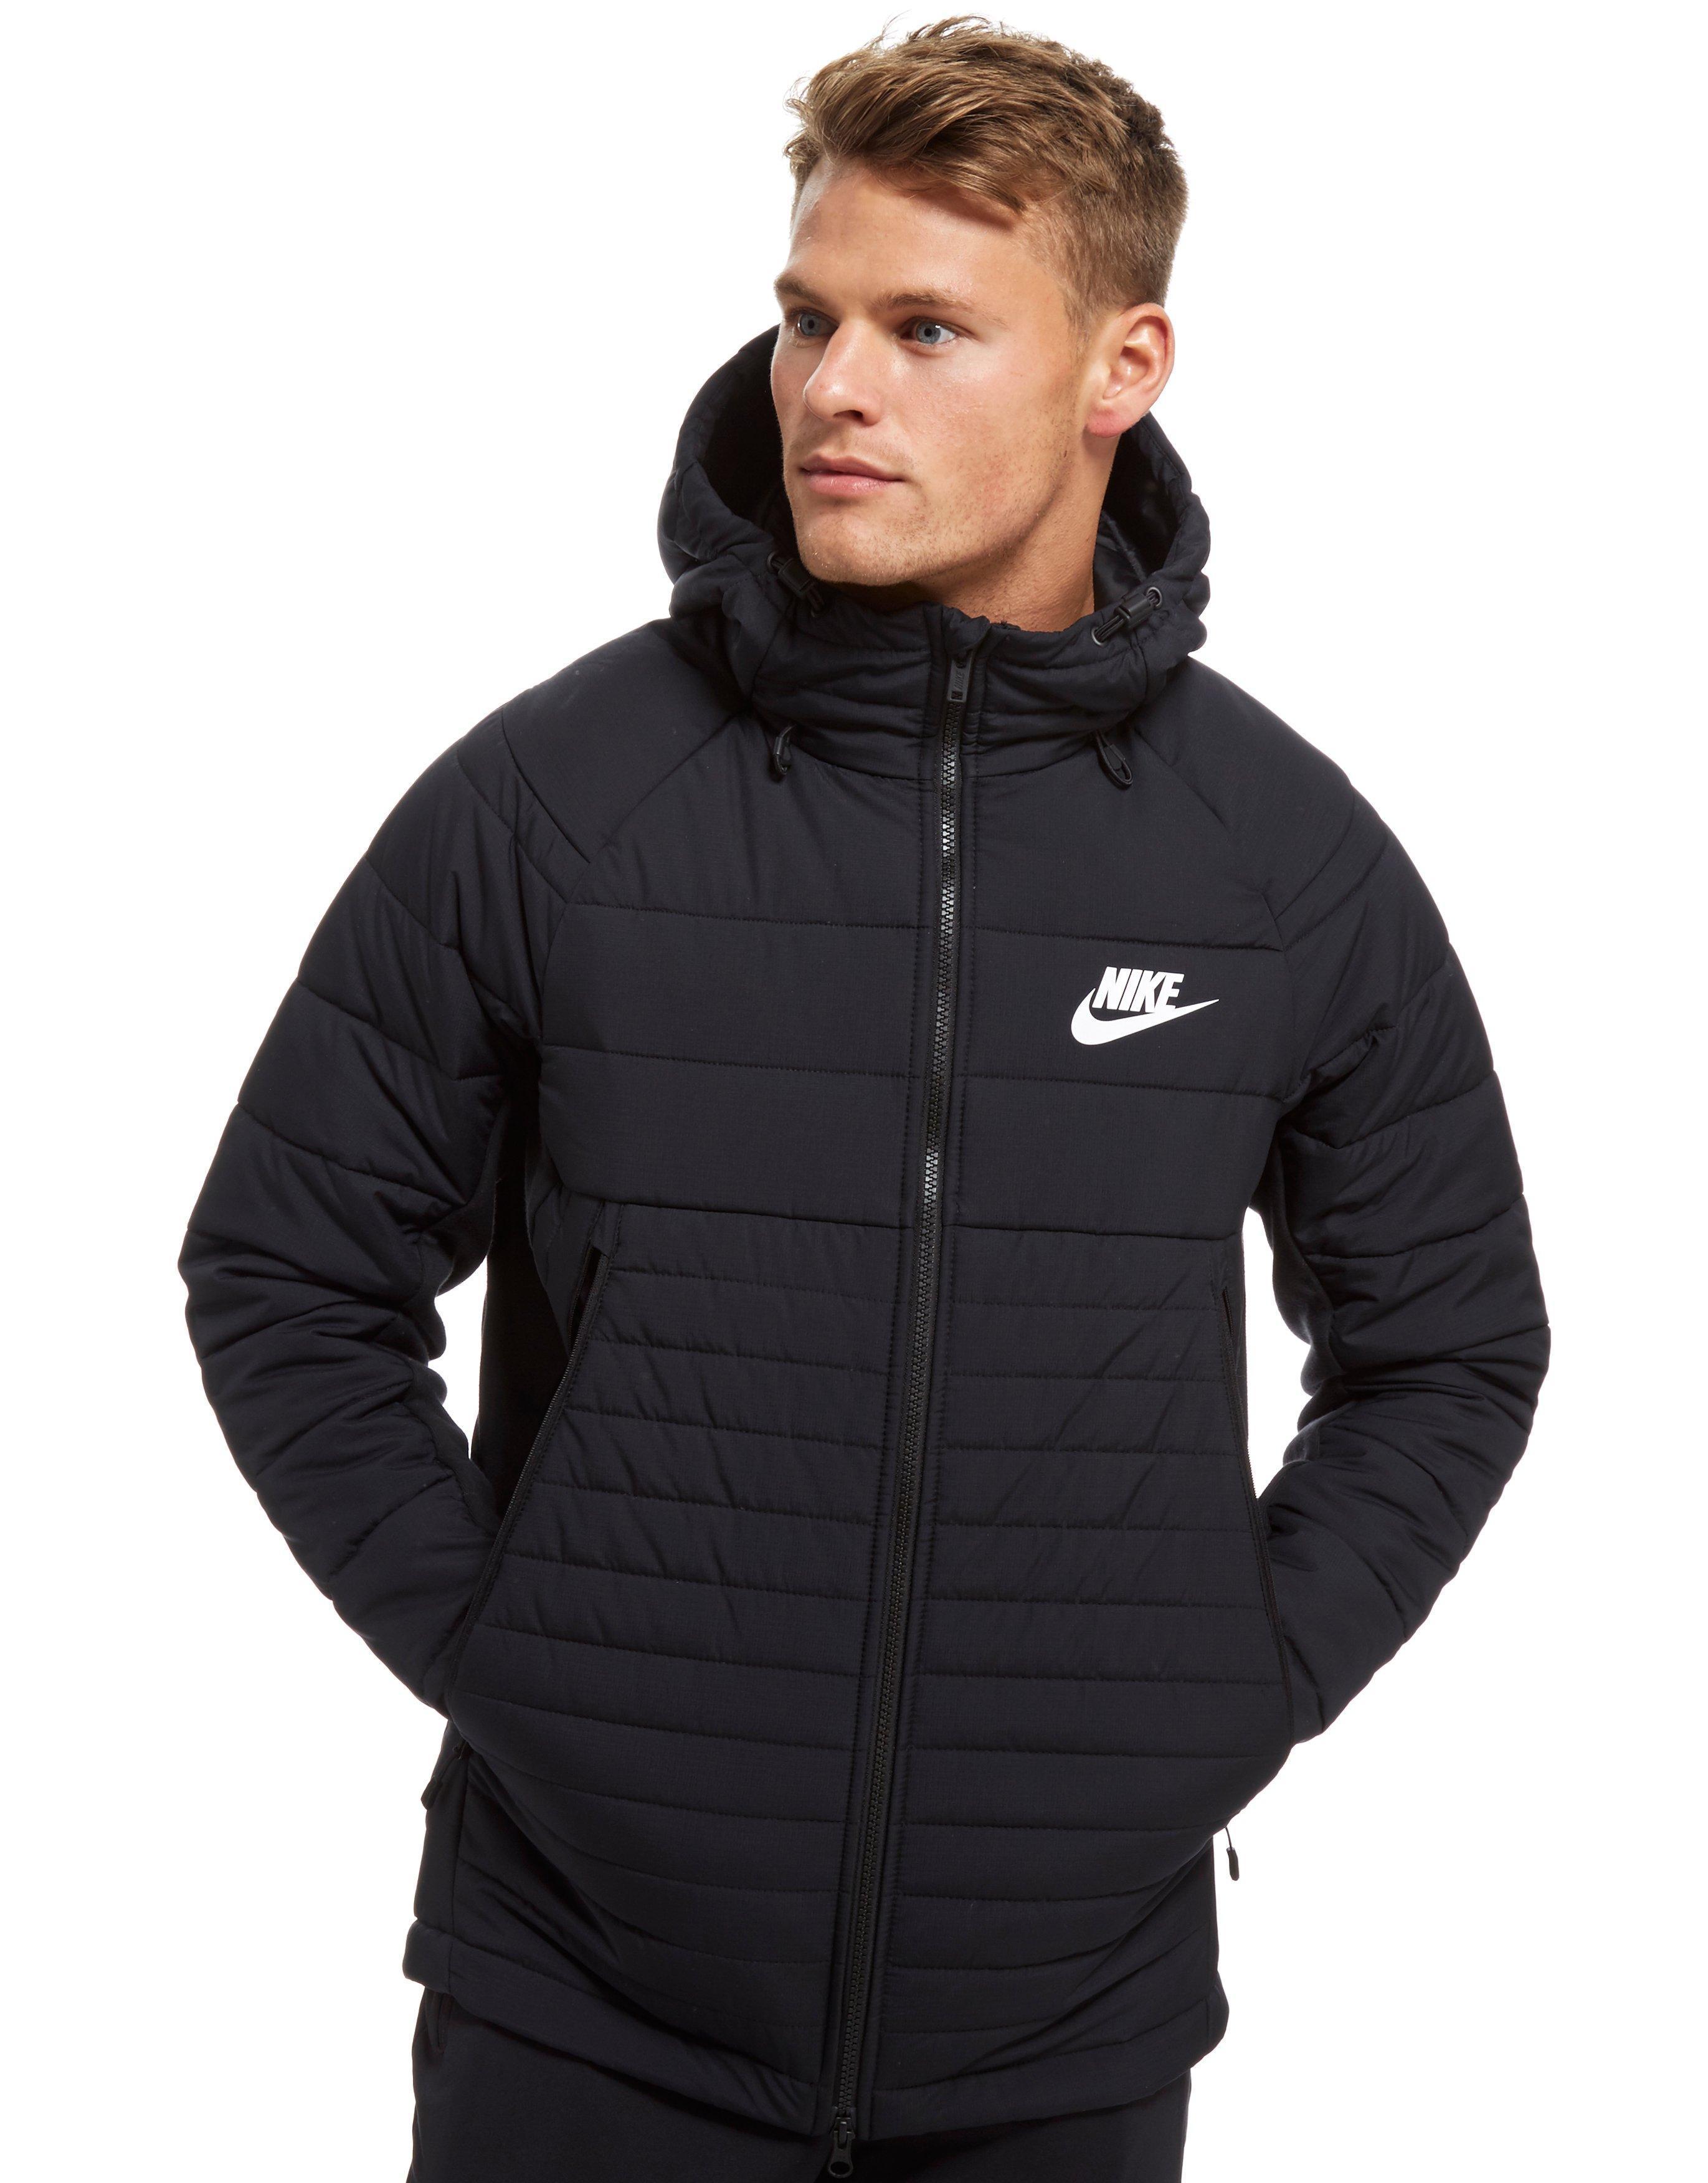 7ffcc6d7c759 Lyst - Nike Sportswear Hooded Down Jacket in Black for Men